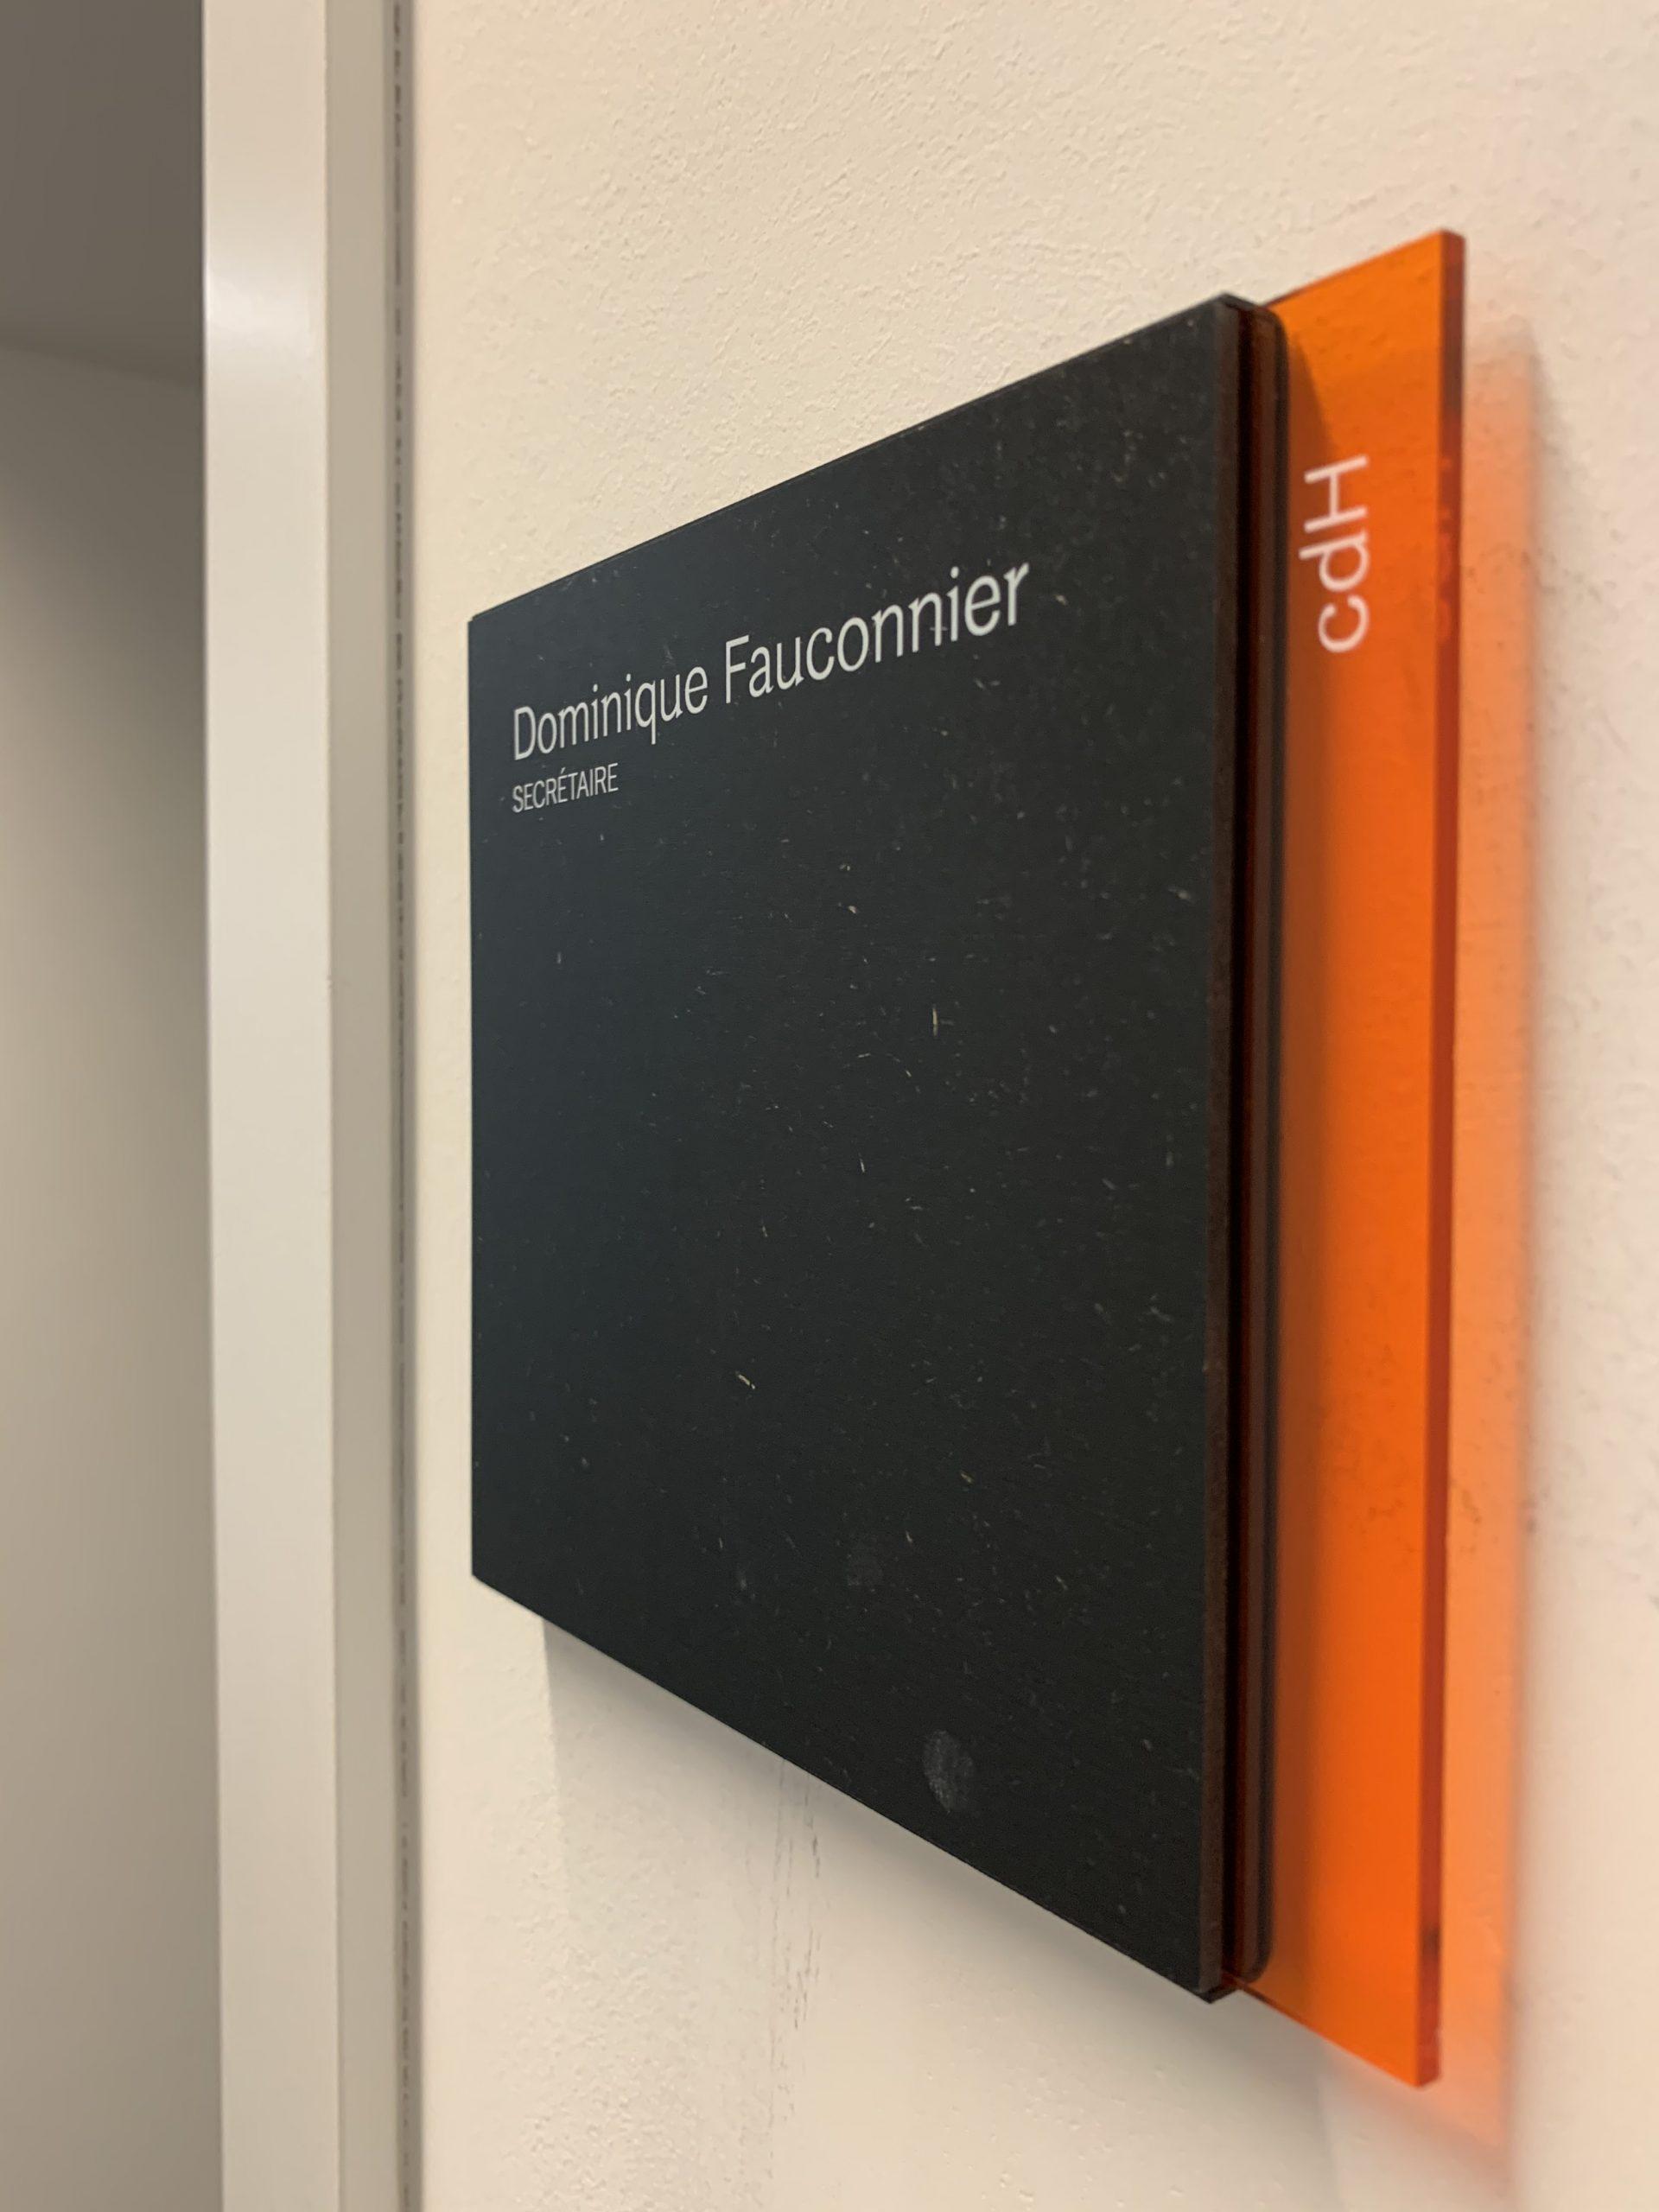 Wayfinding – deurnaambord om signalisatie binnen het gebouw te versterken by actual sign member of the remotec group